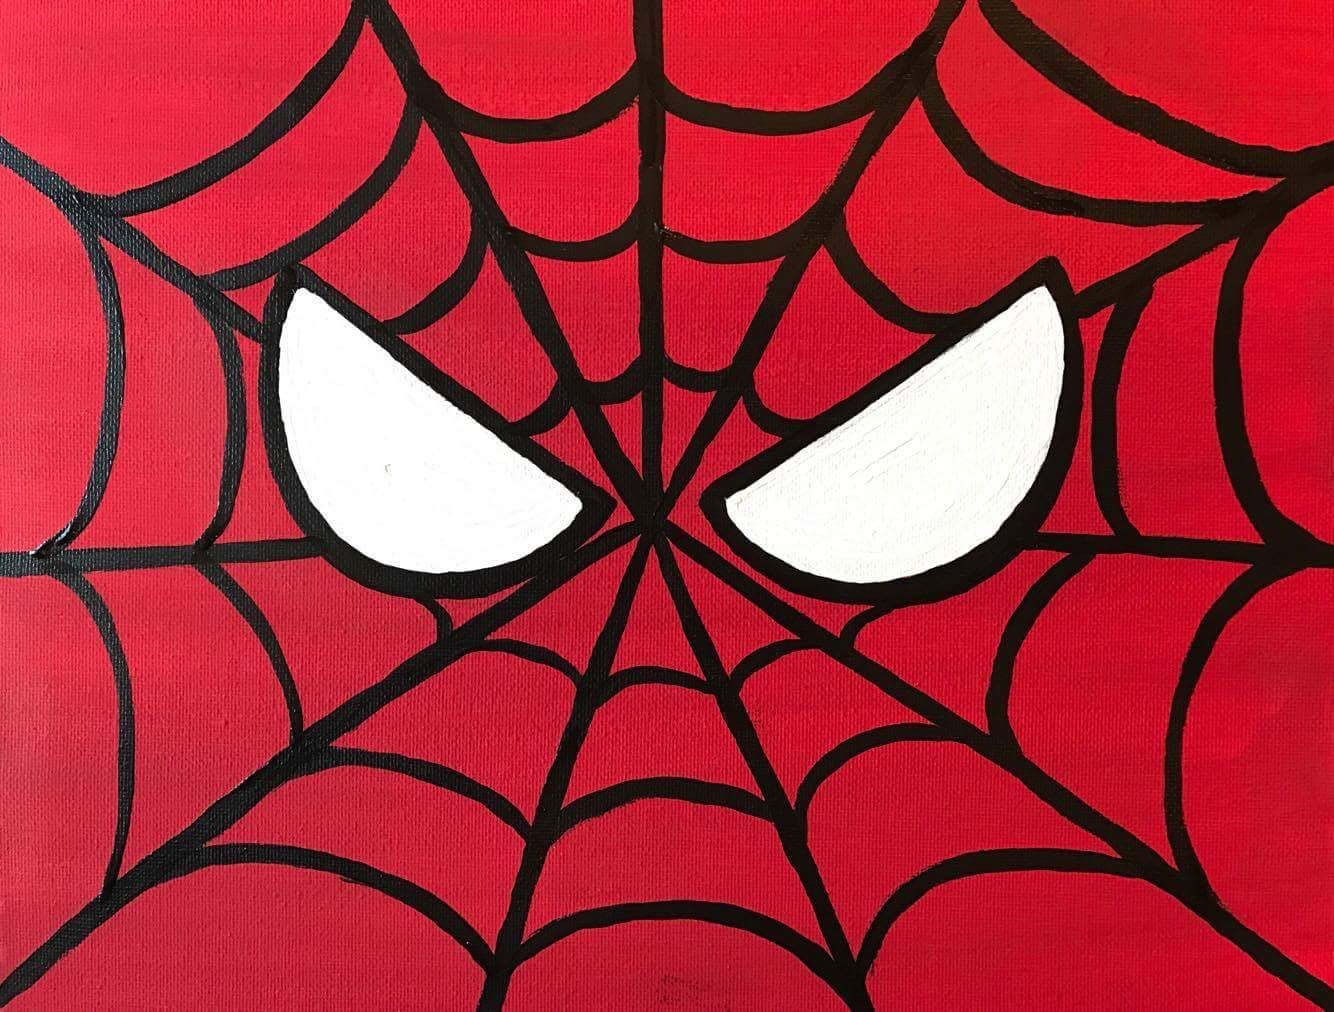 Spider-Man, kid friendly!